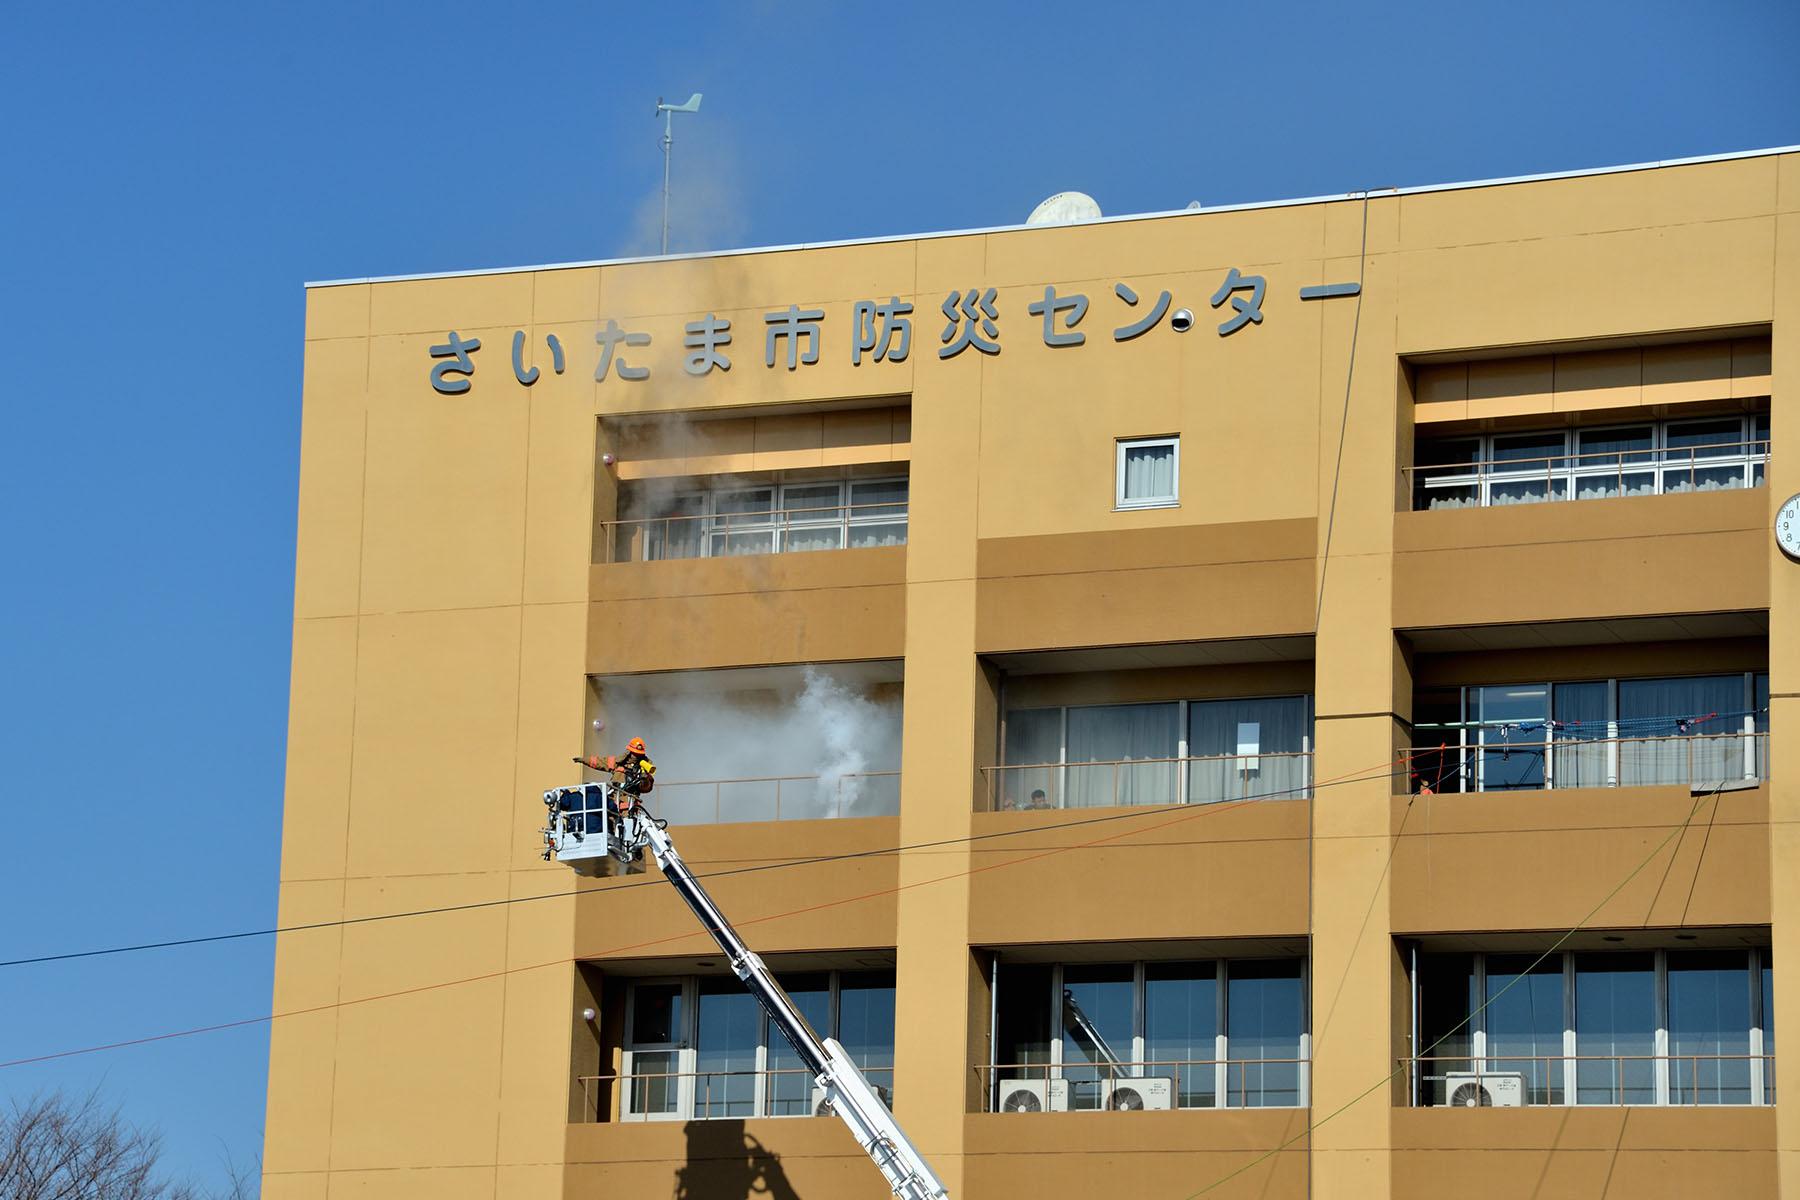 さいたま市消防出初式 大宮消防署訓練所